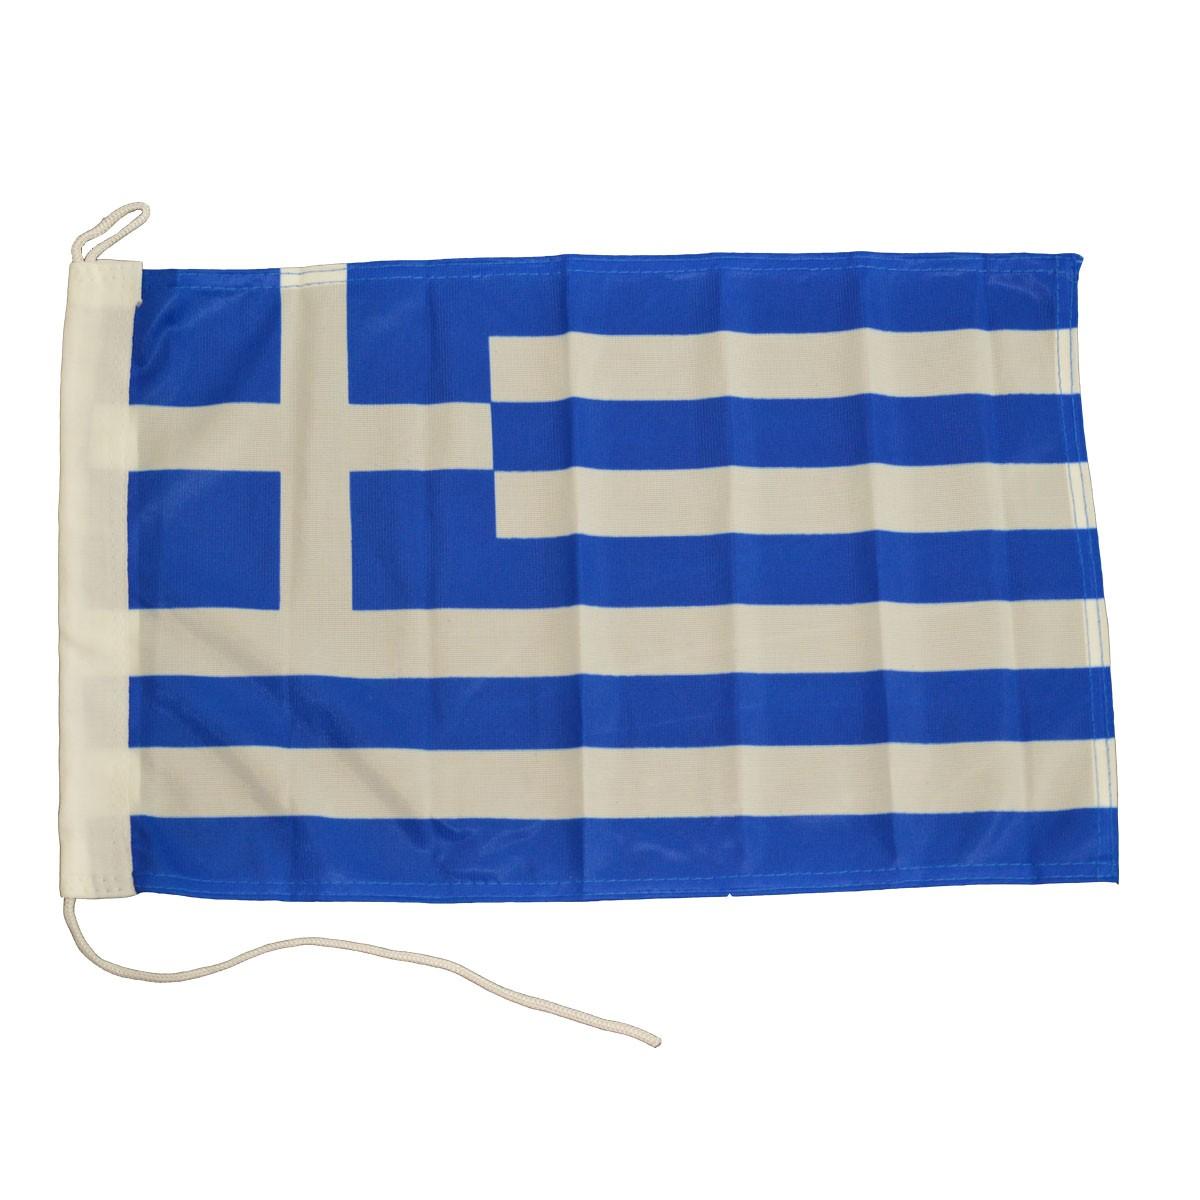 6.29 - Σημαία Ελληνική Ορθογώνια Μήκους 40cm